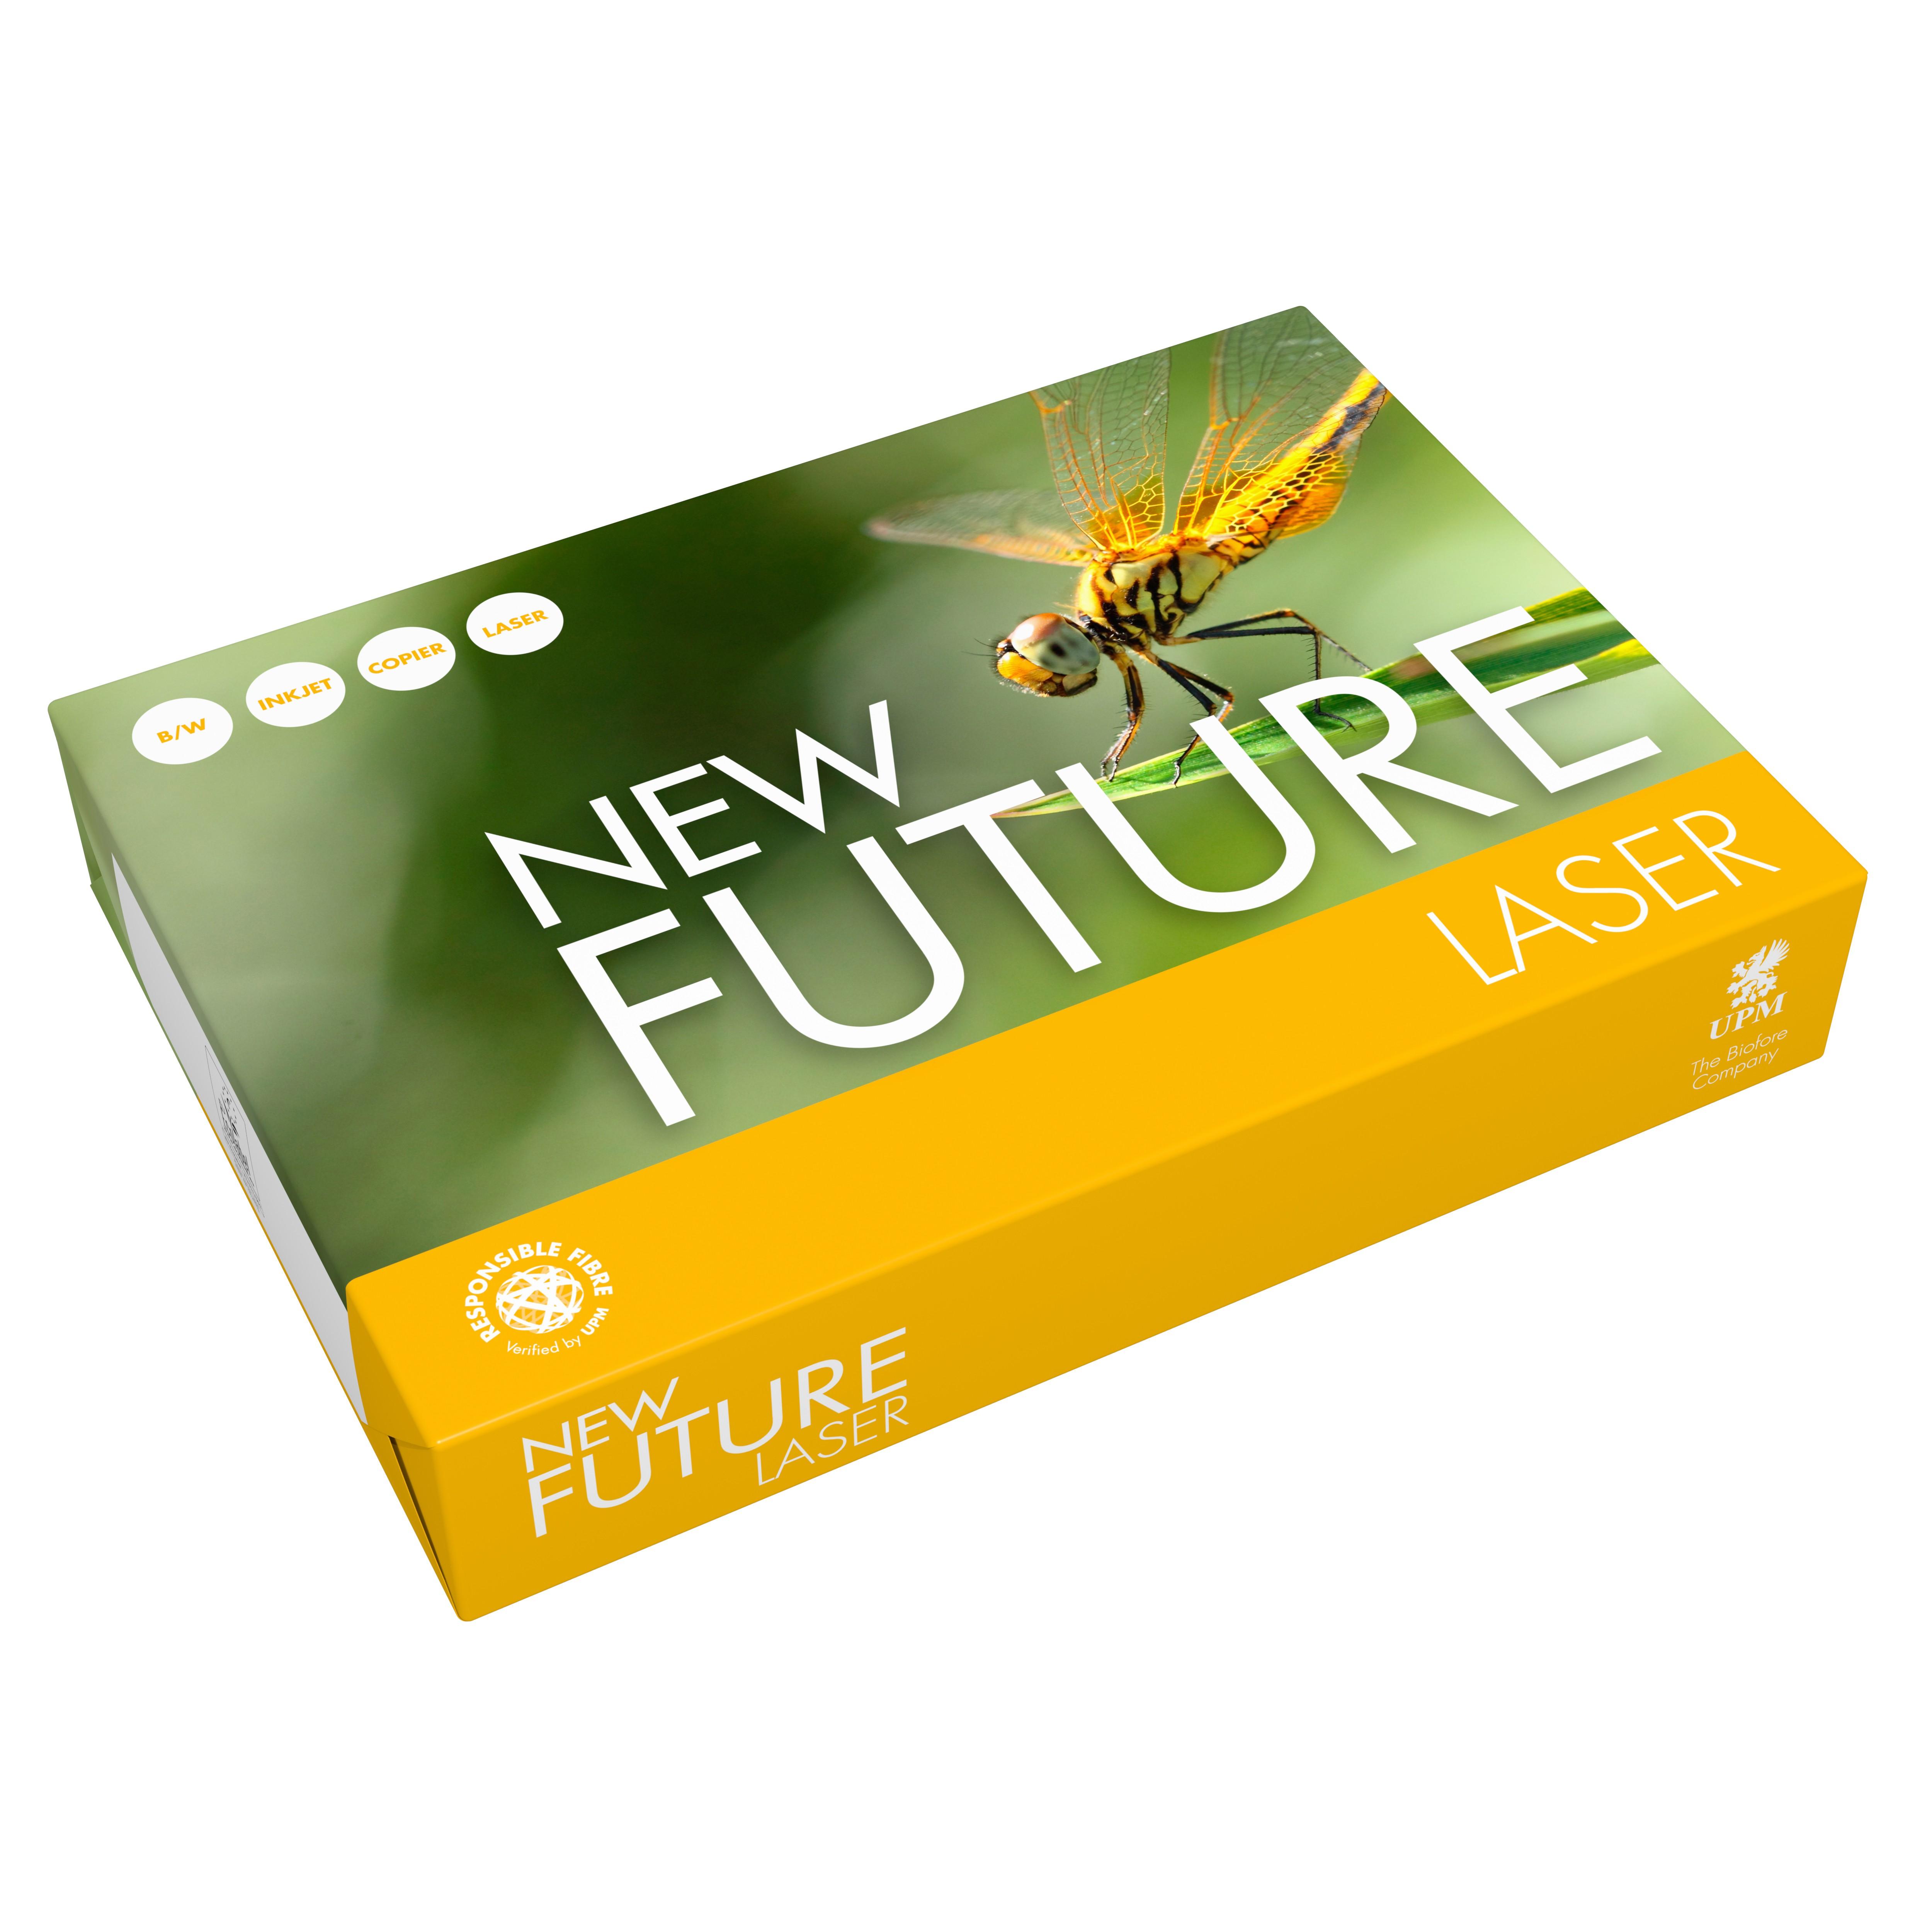 New Future Laser Papier 80g/m² DIN-A5 - 500 Blatt weiß